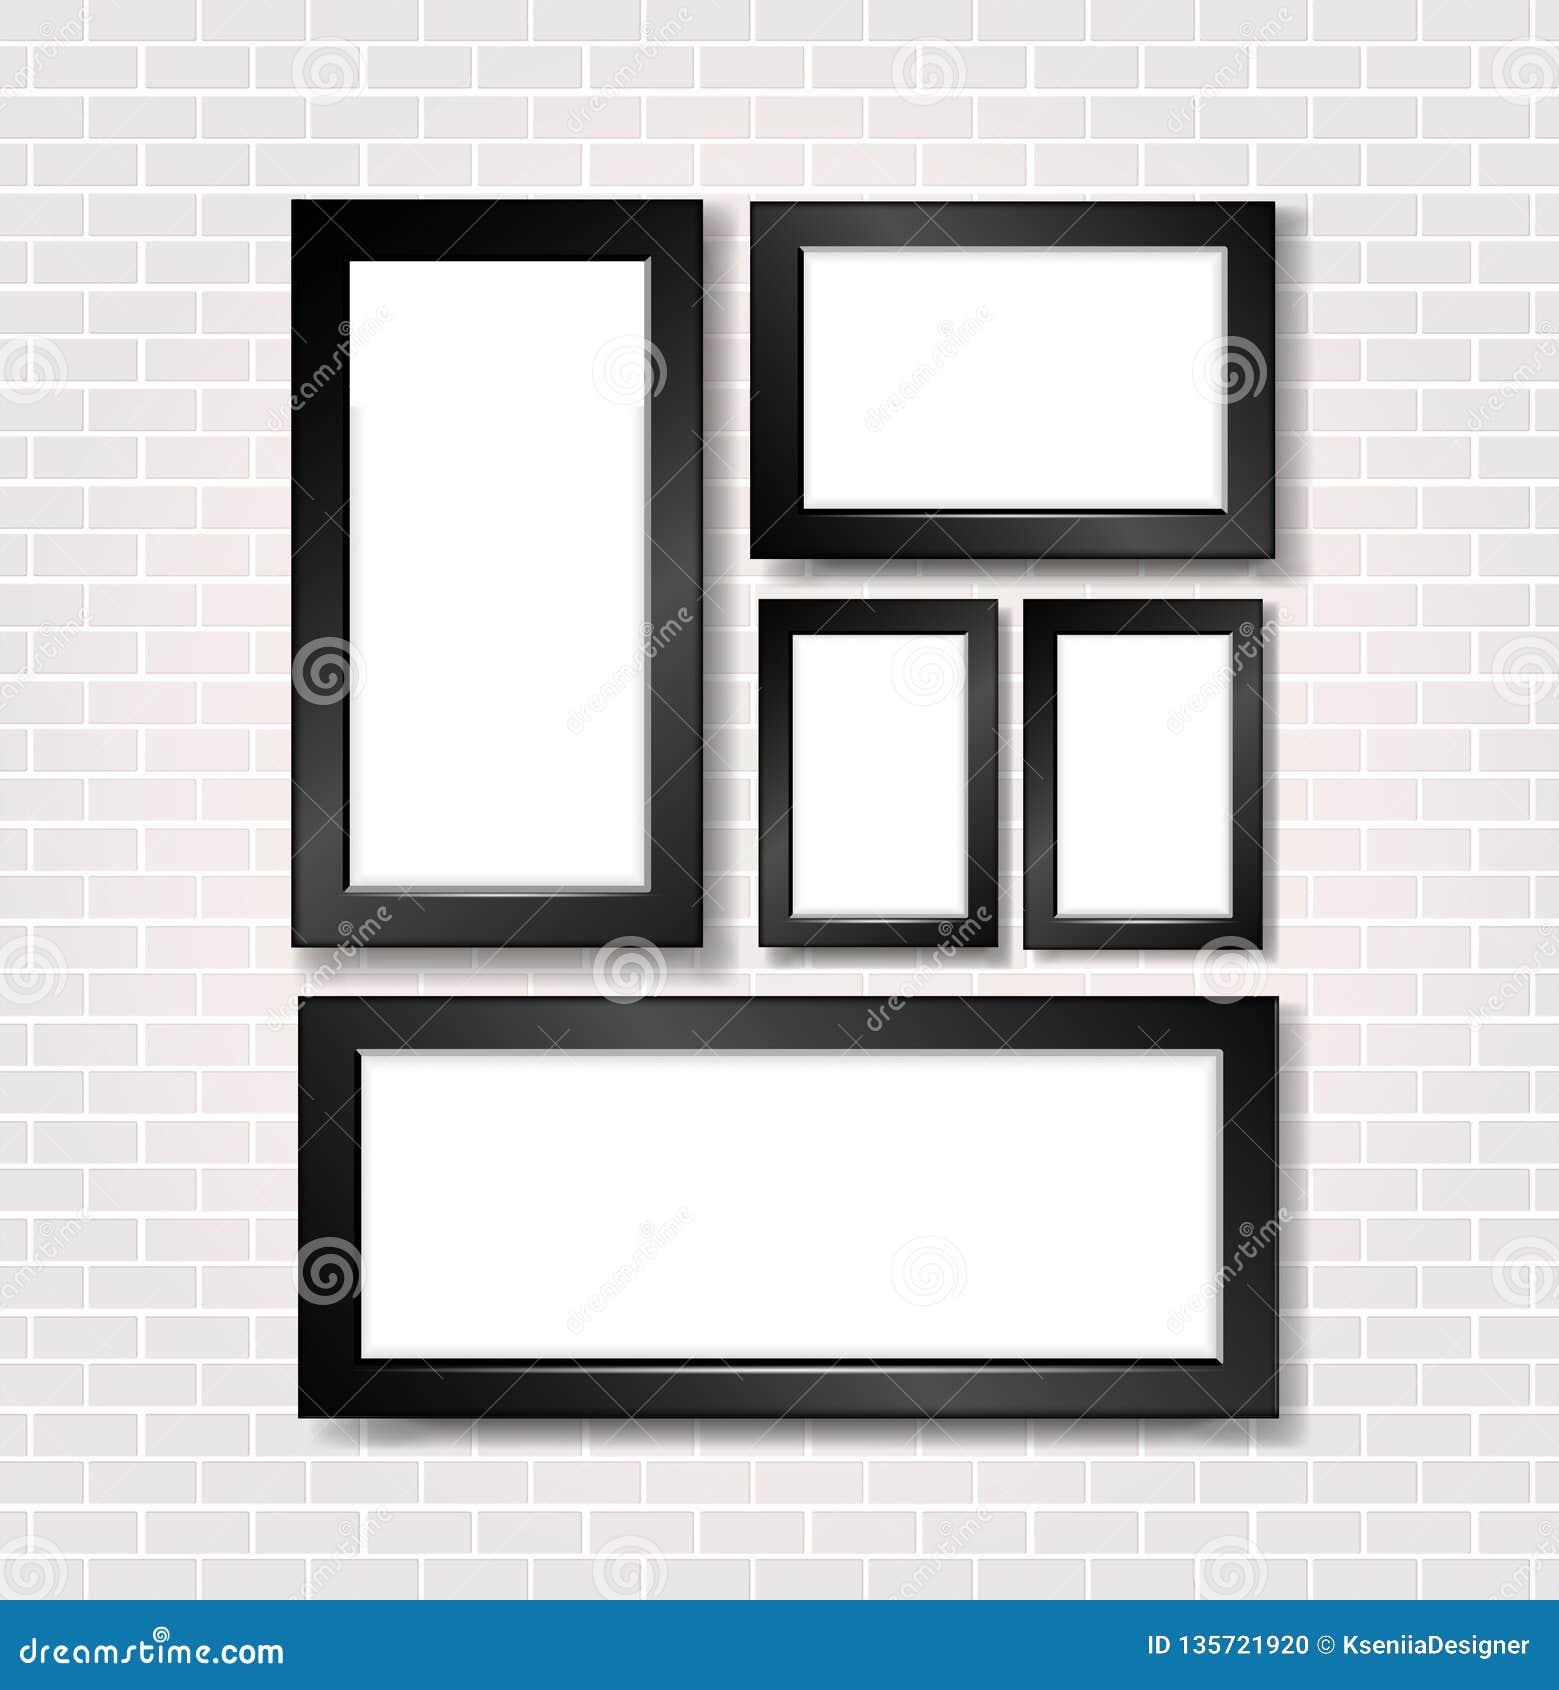 Marco de la imagen y de la foto en la pared de ladrillo blanca